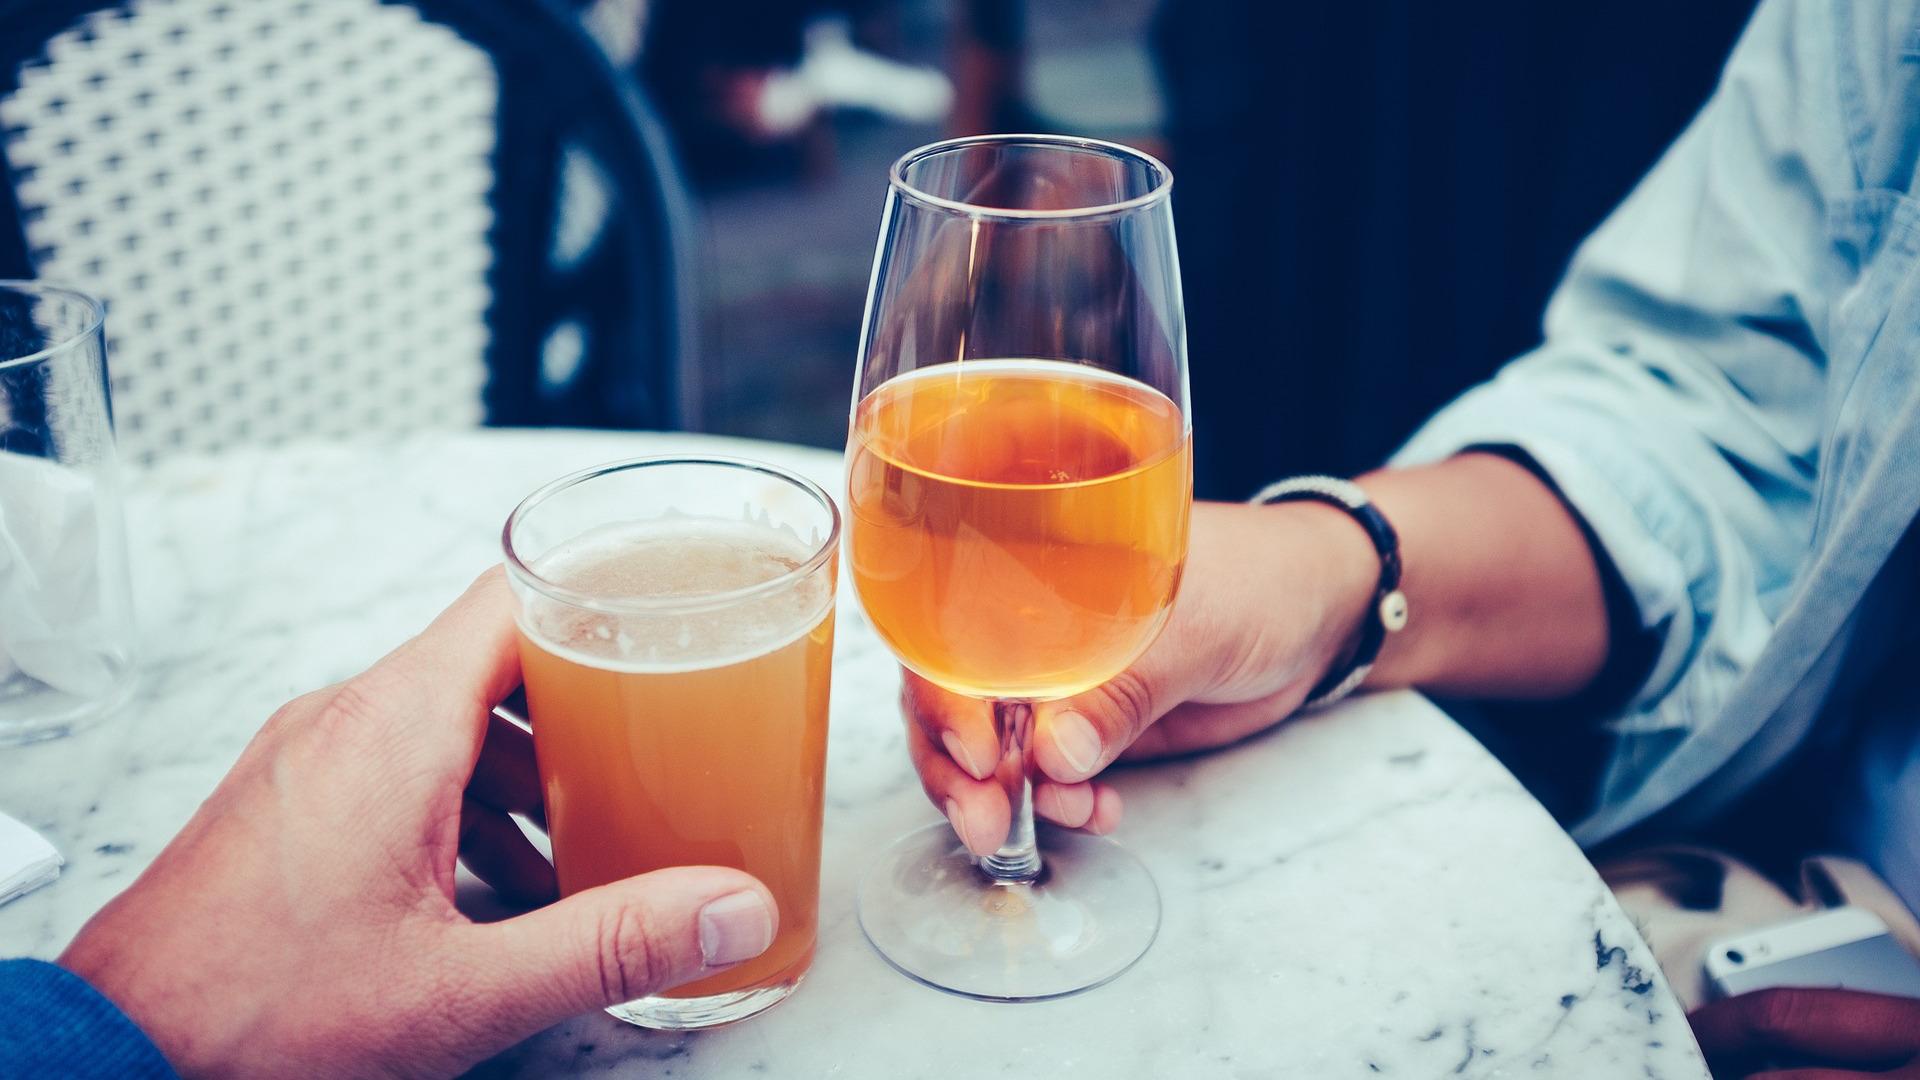 aumenta-el-gasto-en-cerveza-durante-el-verano-1920